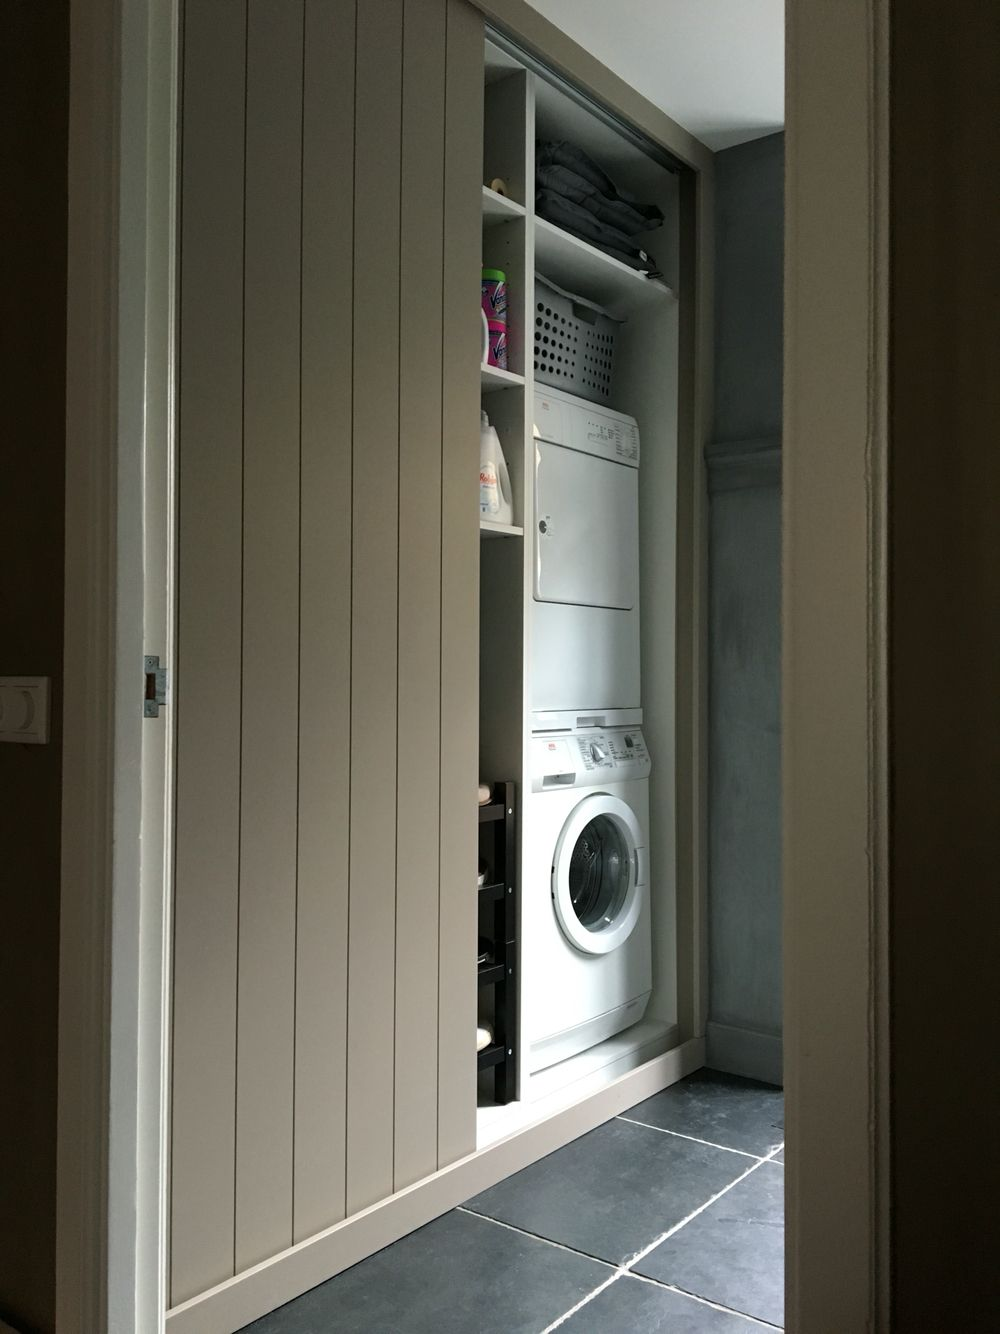 Wasmachine ombouw bijkeuken with wasruimte ideeen for Meubels voor kleine ruimtes